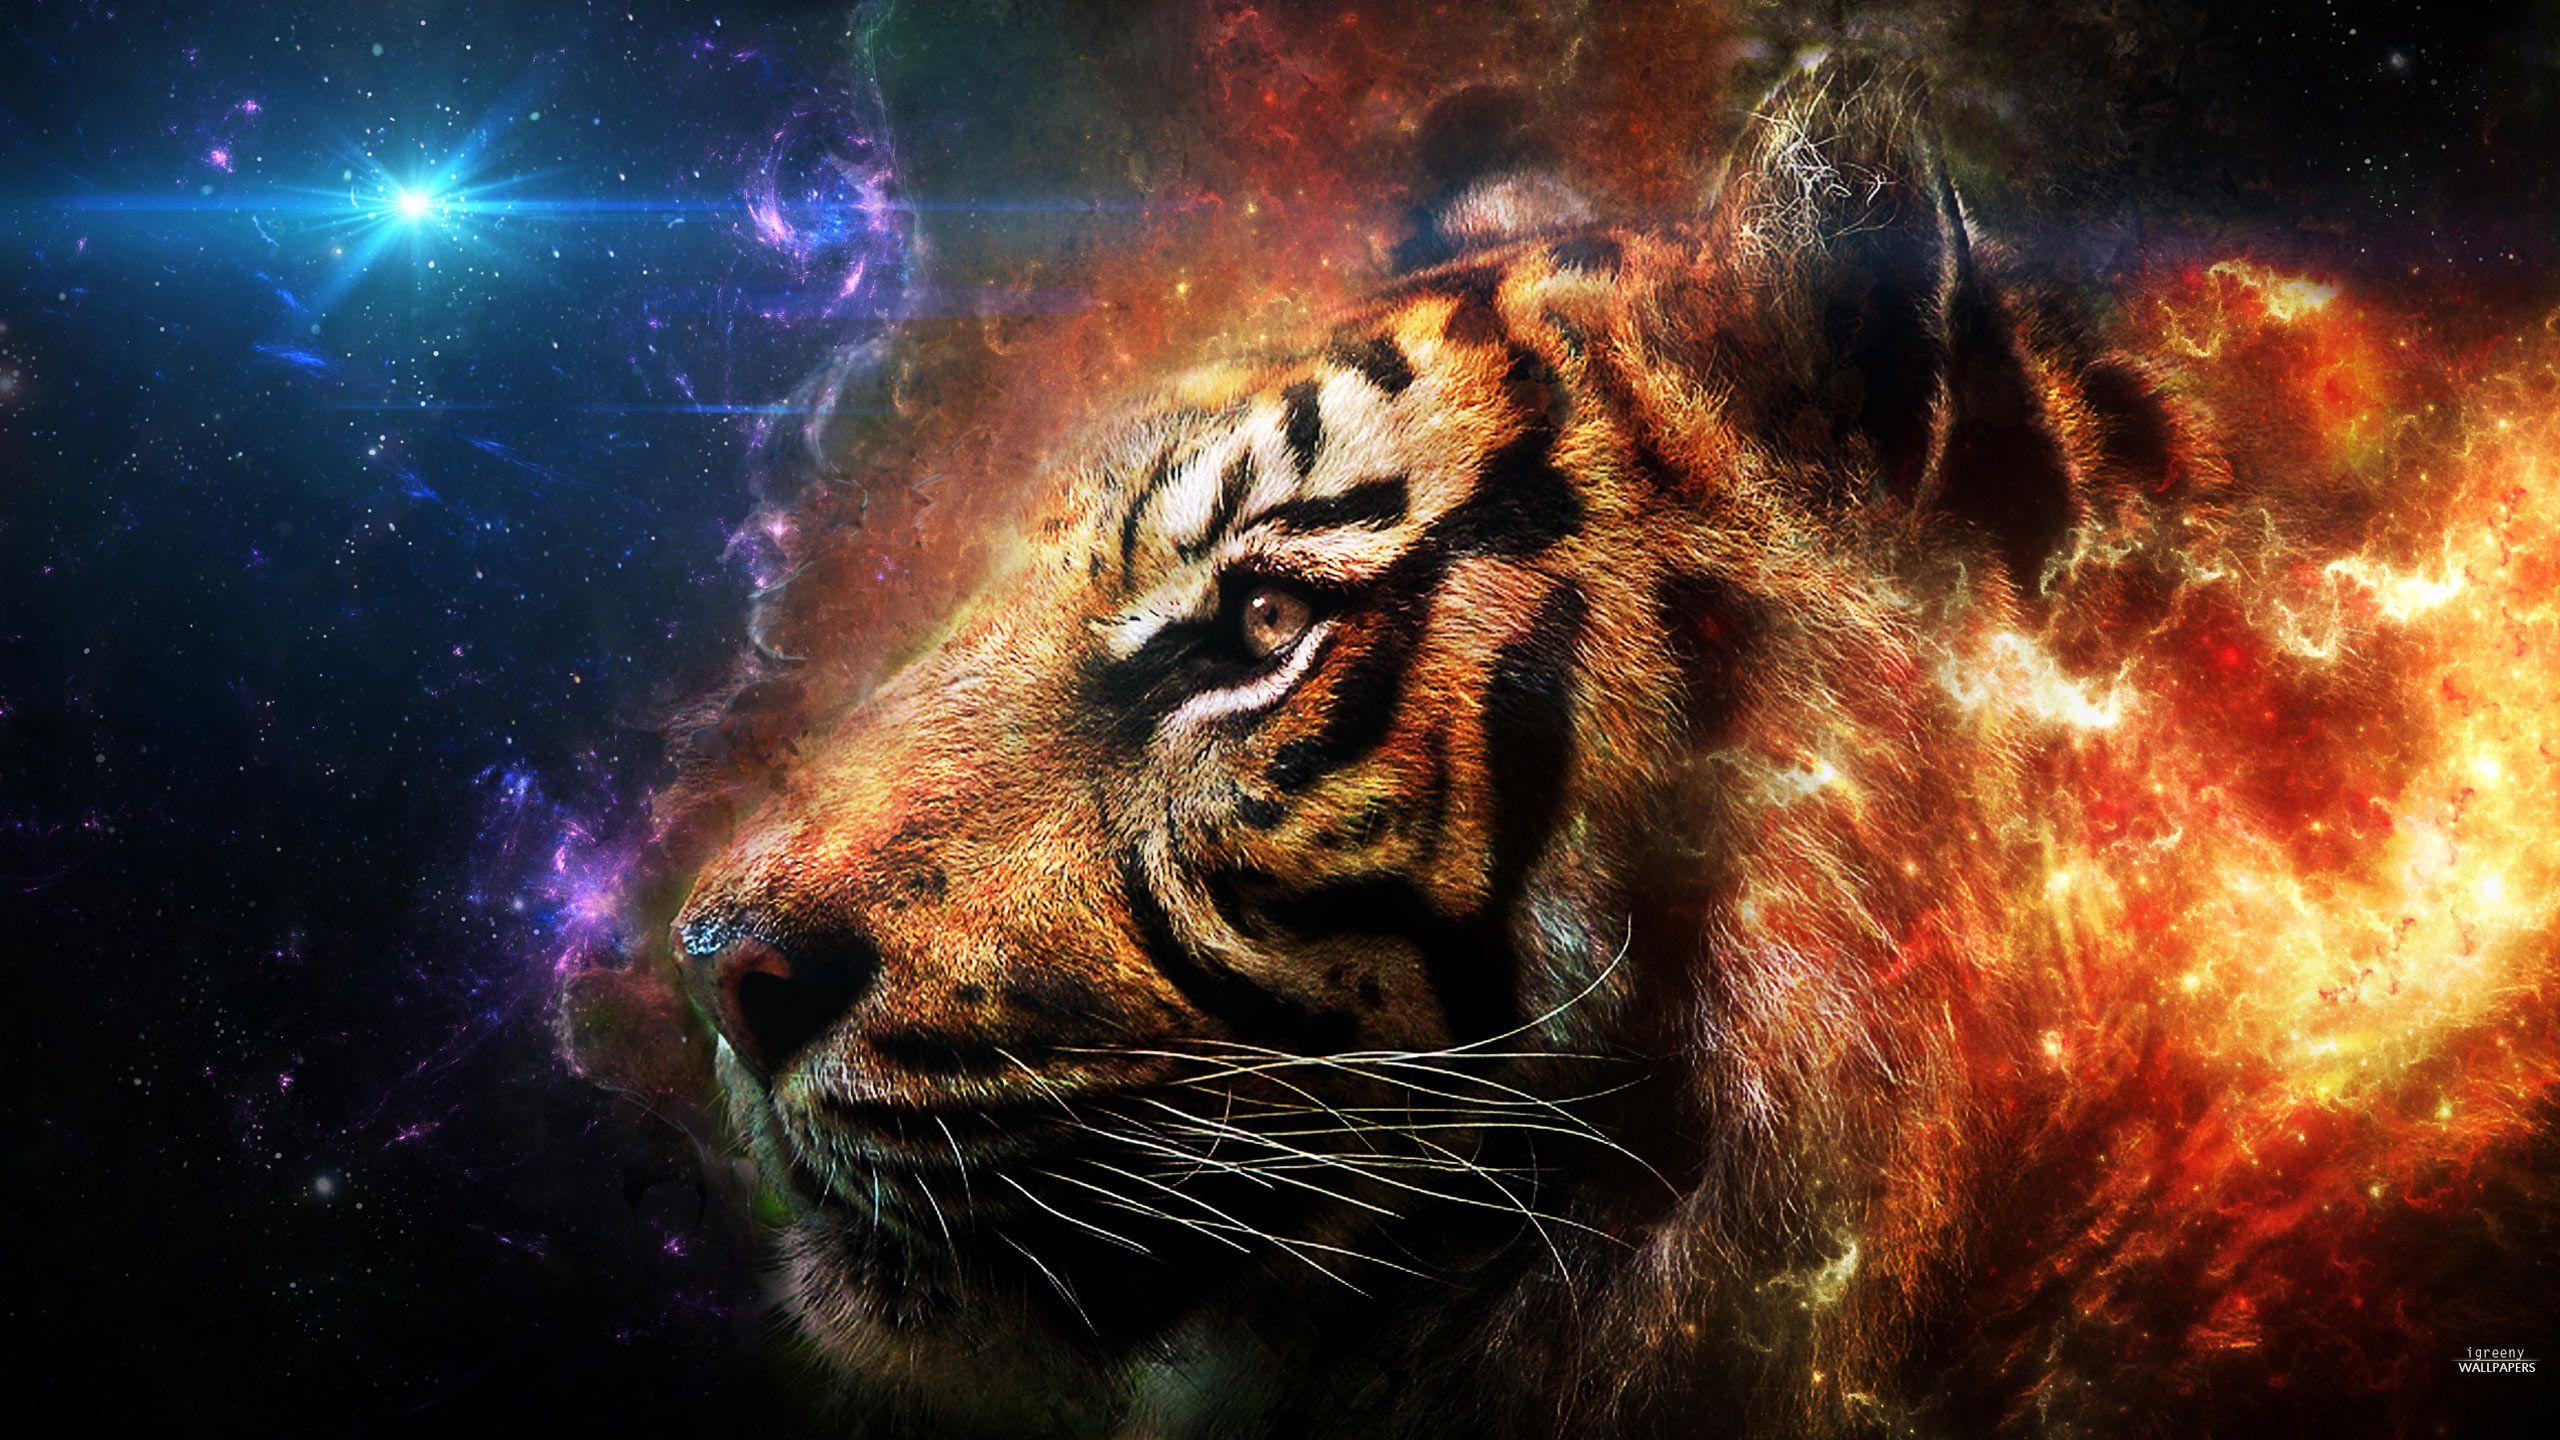 2560 x 1440 wallpaper   Pesquisa Google Tiger wallpaper Pet 2560x1440